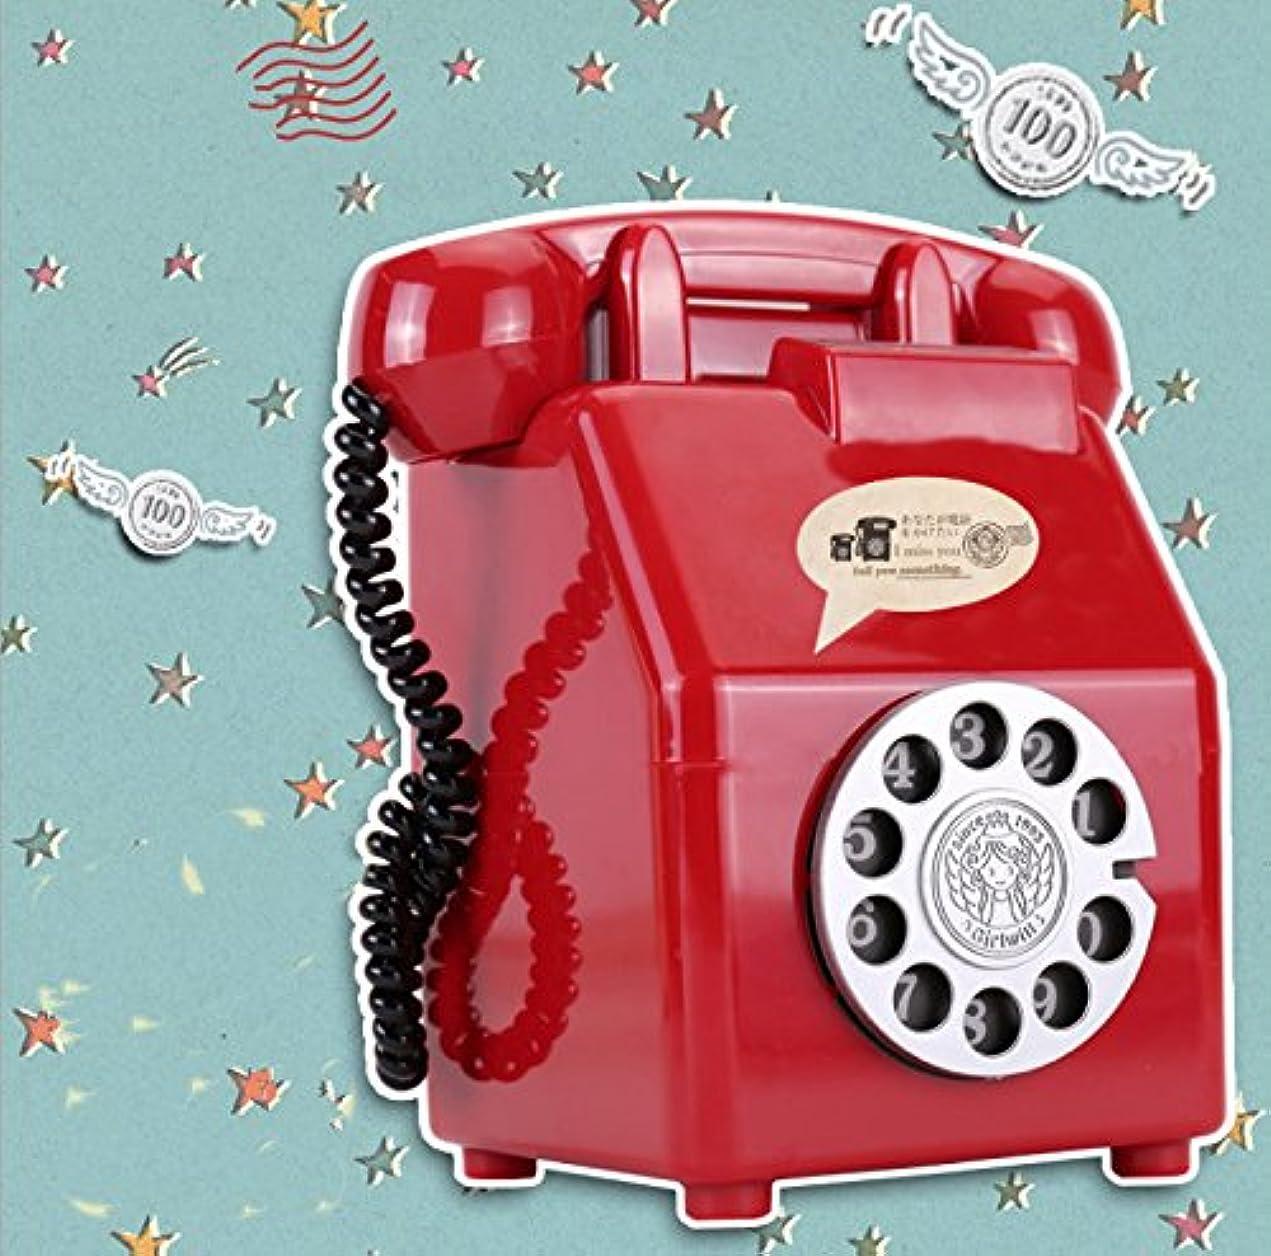 緊張する出版マイクロプロセッサHuaQingPiJu-JP 電話のお金ジャーパーソナリティオーナメントオールドファッションピギーバンク(赤)